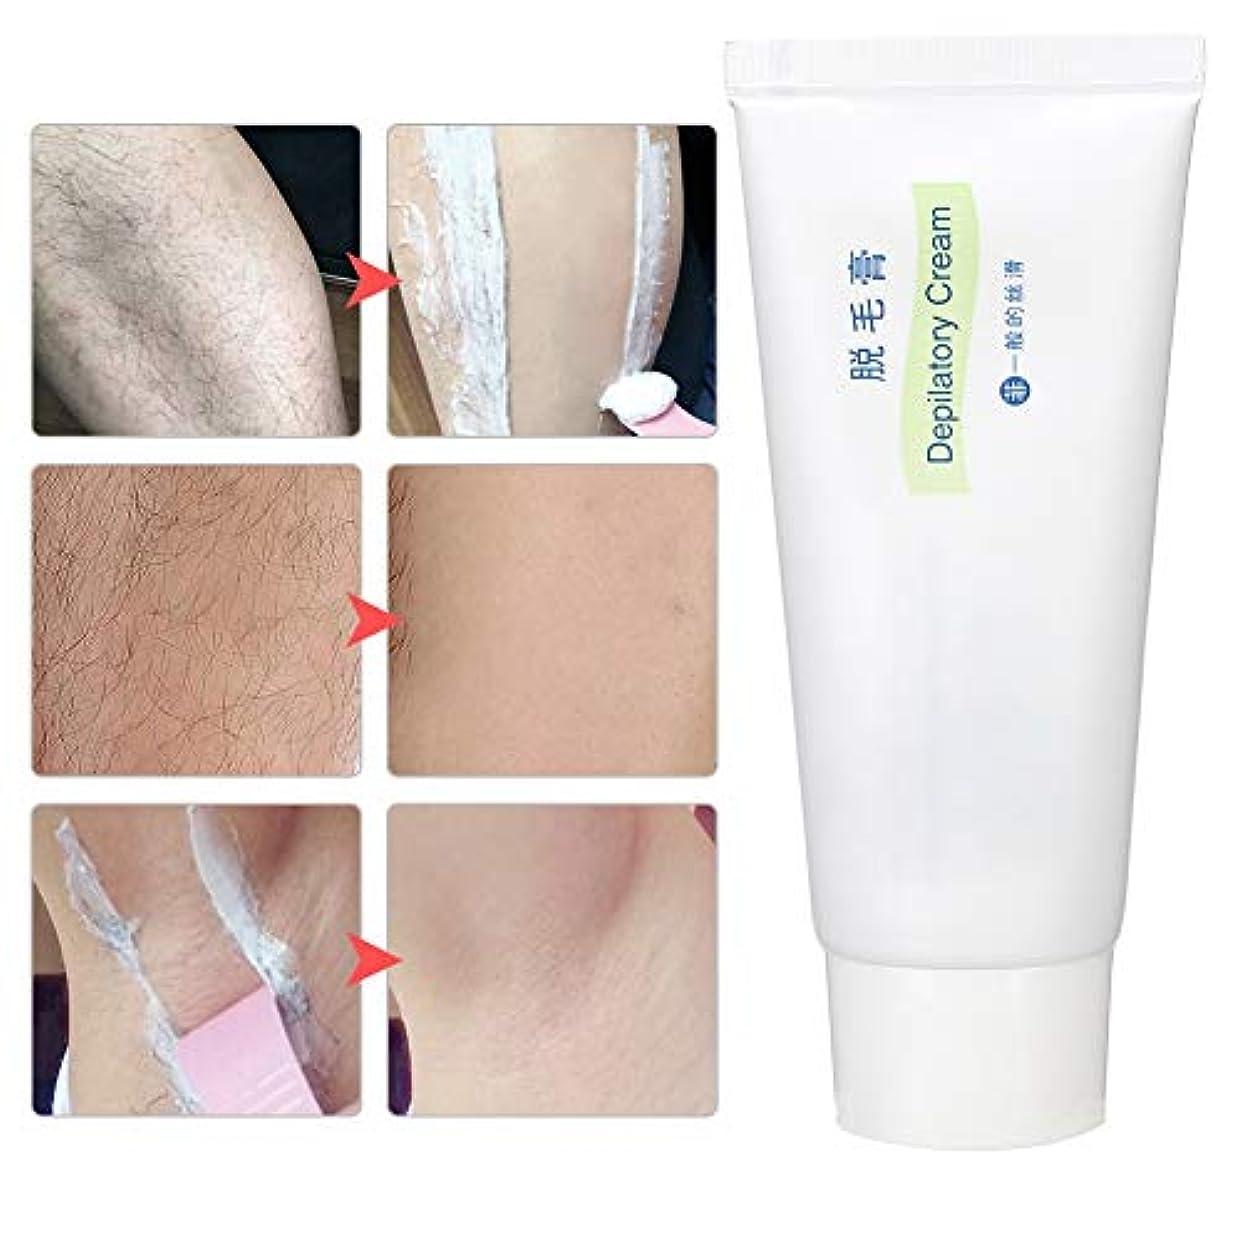 引き渡すスイング不変60g脱毛クリーム、穏やかで痛みのない脱毛クリーム、ボディ脇の下の脚のビキニエリアの皮膚脱毛剤シンプルで高速。